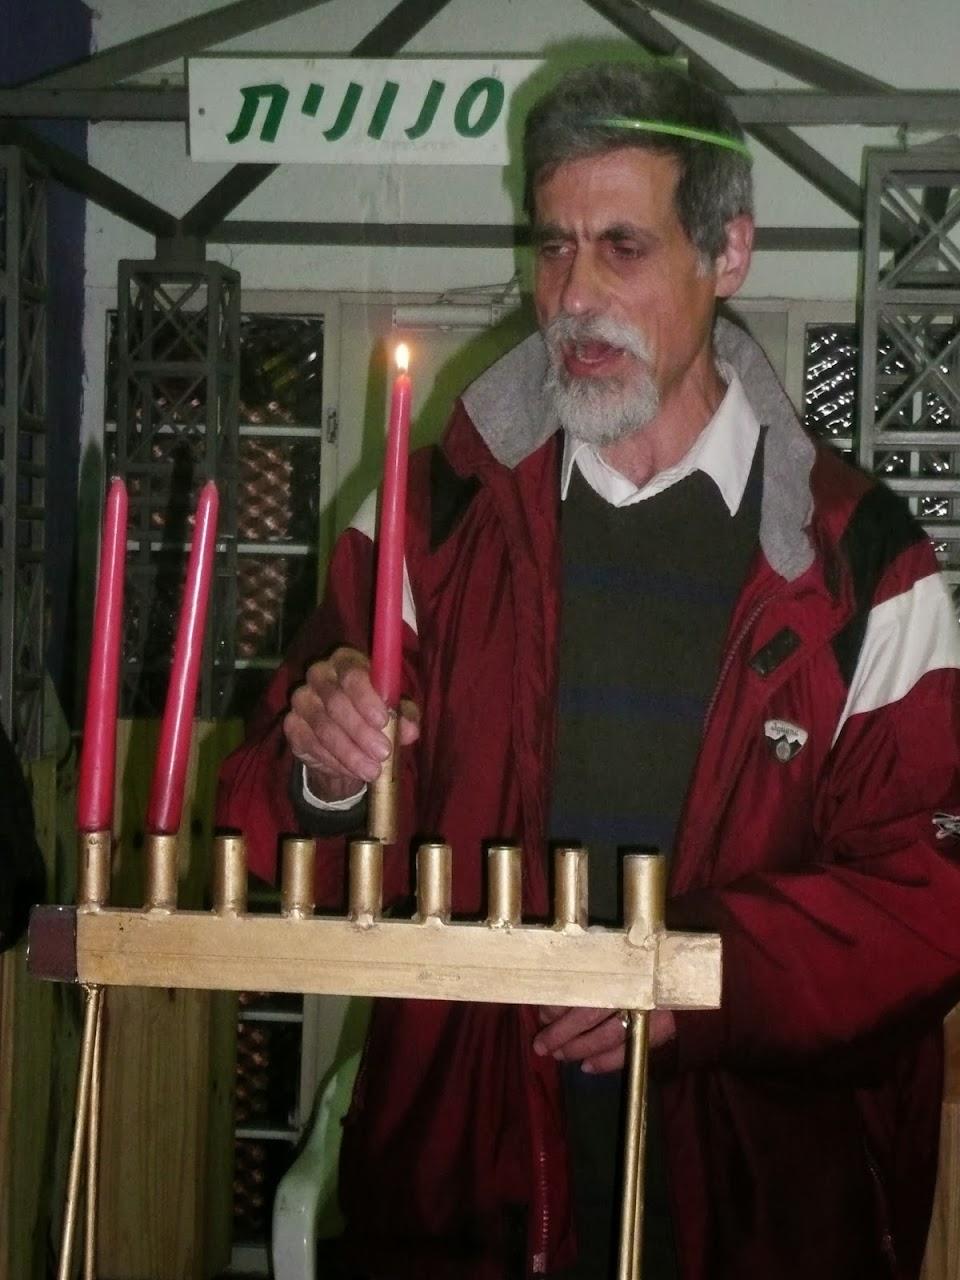 Hanukkah 2009  - 2009-12-12 17.41.11.jpg